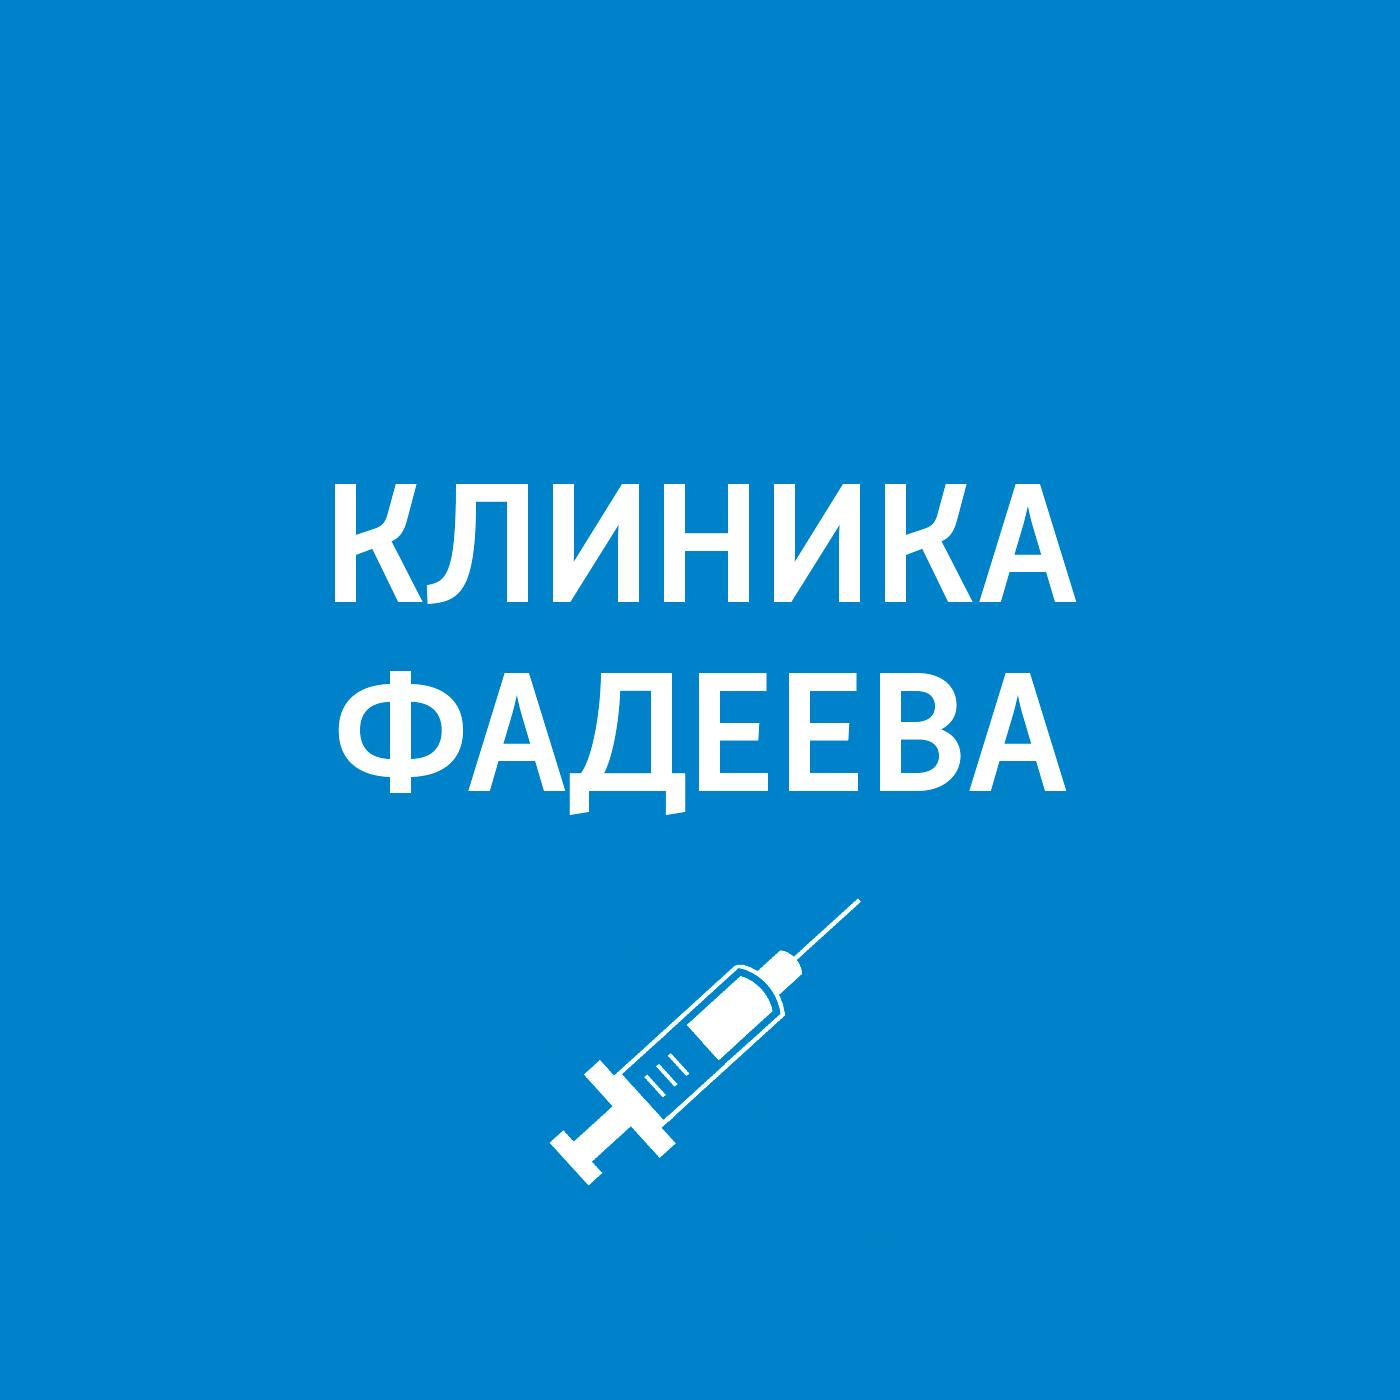 Пётр Фадеев Животные цена 2017